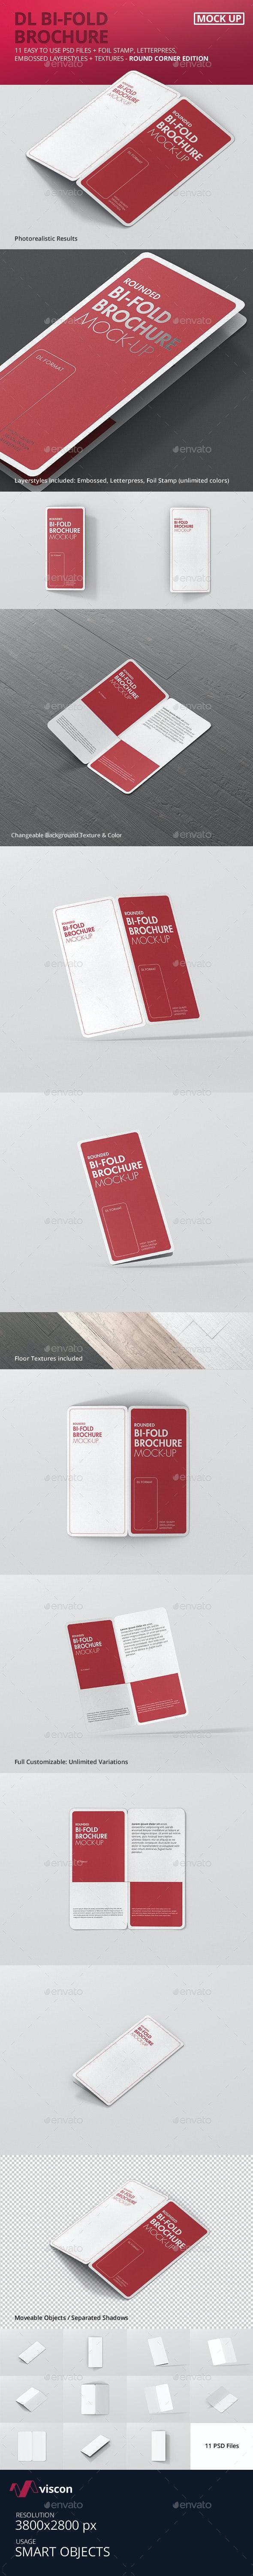 DL Bi-Fold Brochure Mock-Up - Round Corner - Brochures Print